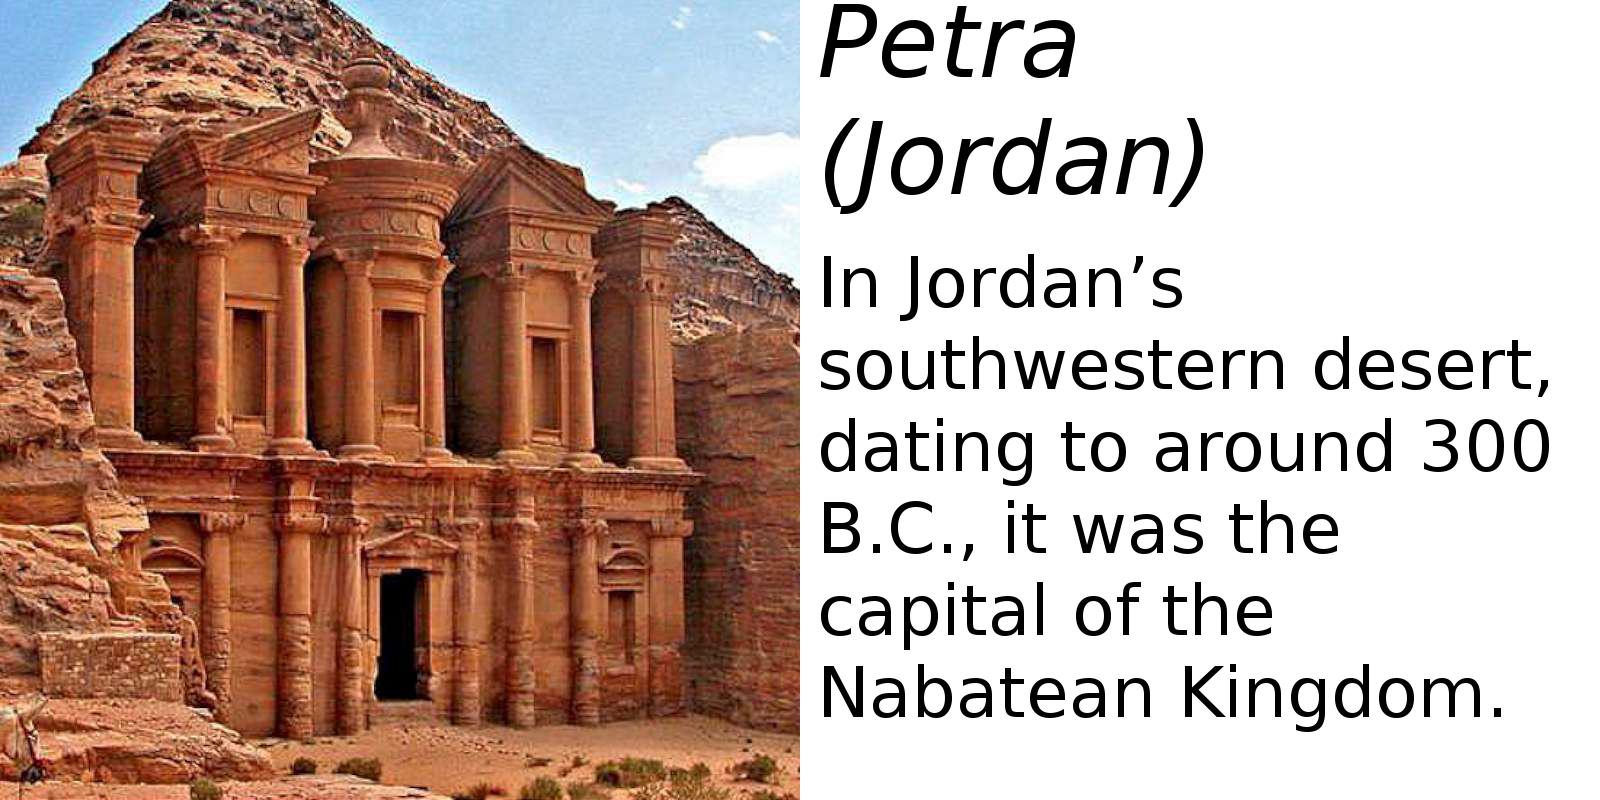 Petra, Jordan (description) #2